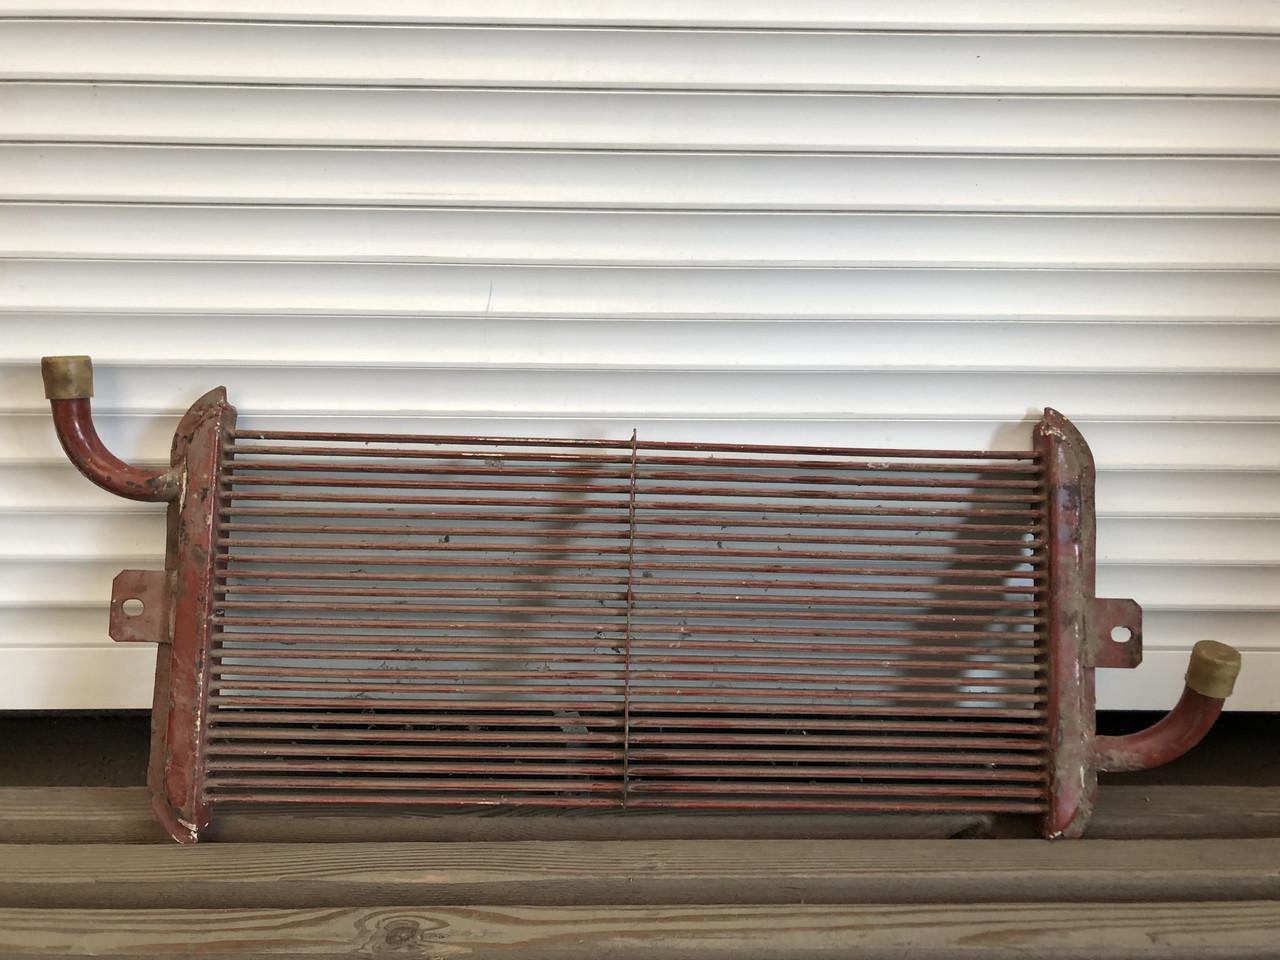 Масляный радиатор трансмисии КПП нижний для тракторов ХТЗ, Т-150, ХТЗ-17221